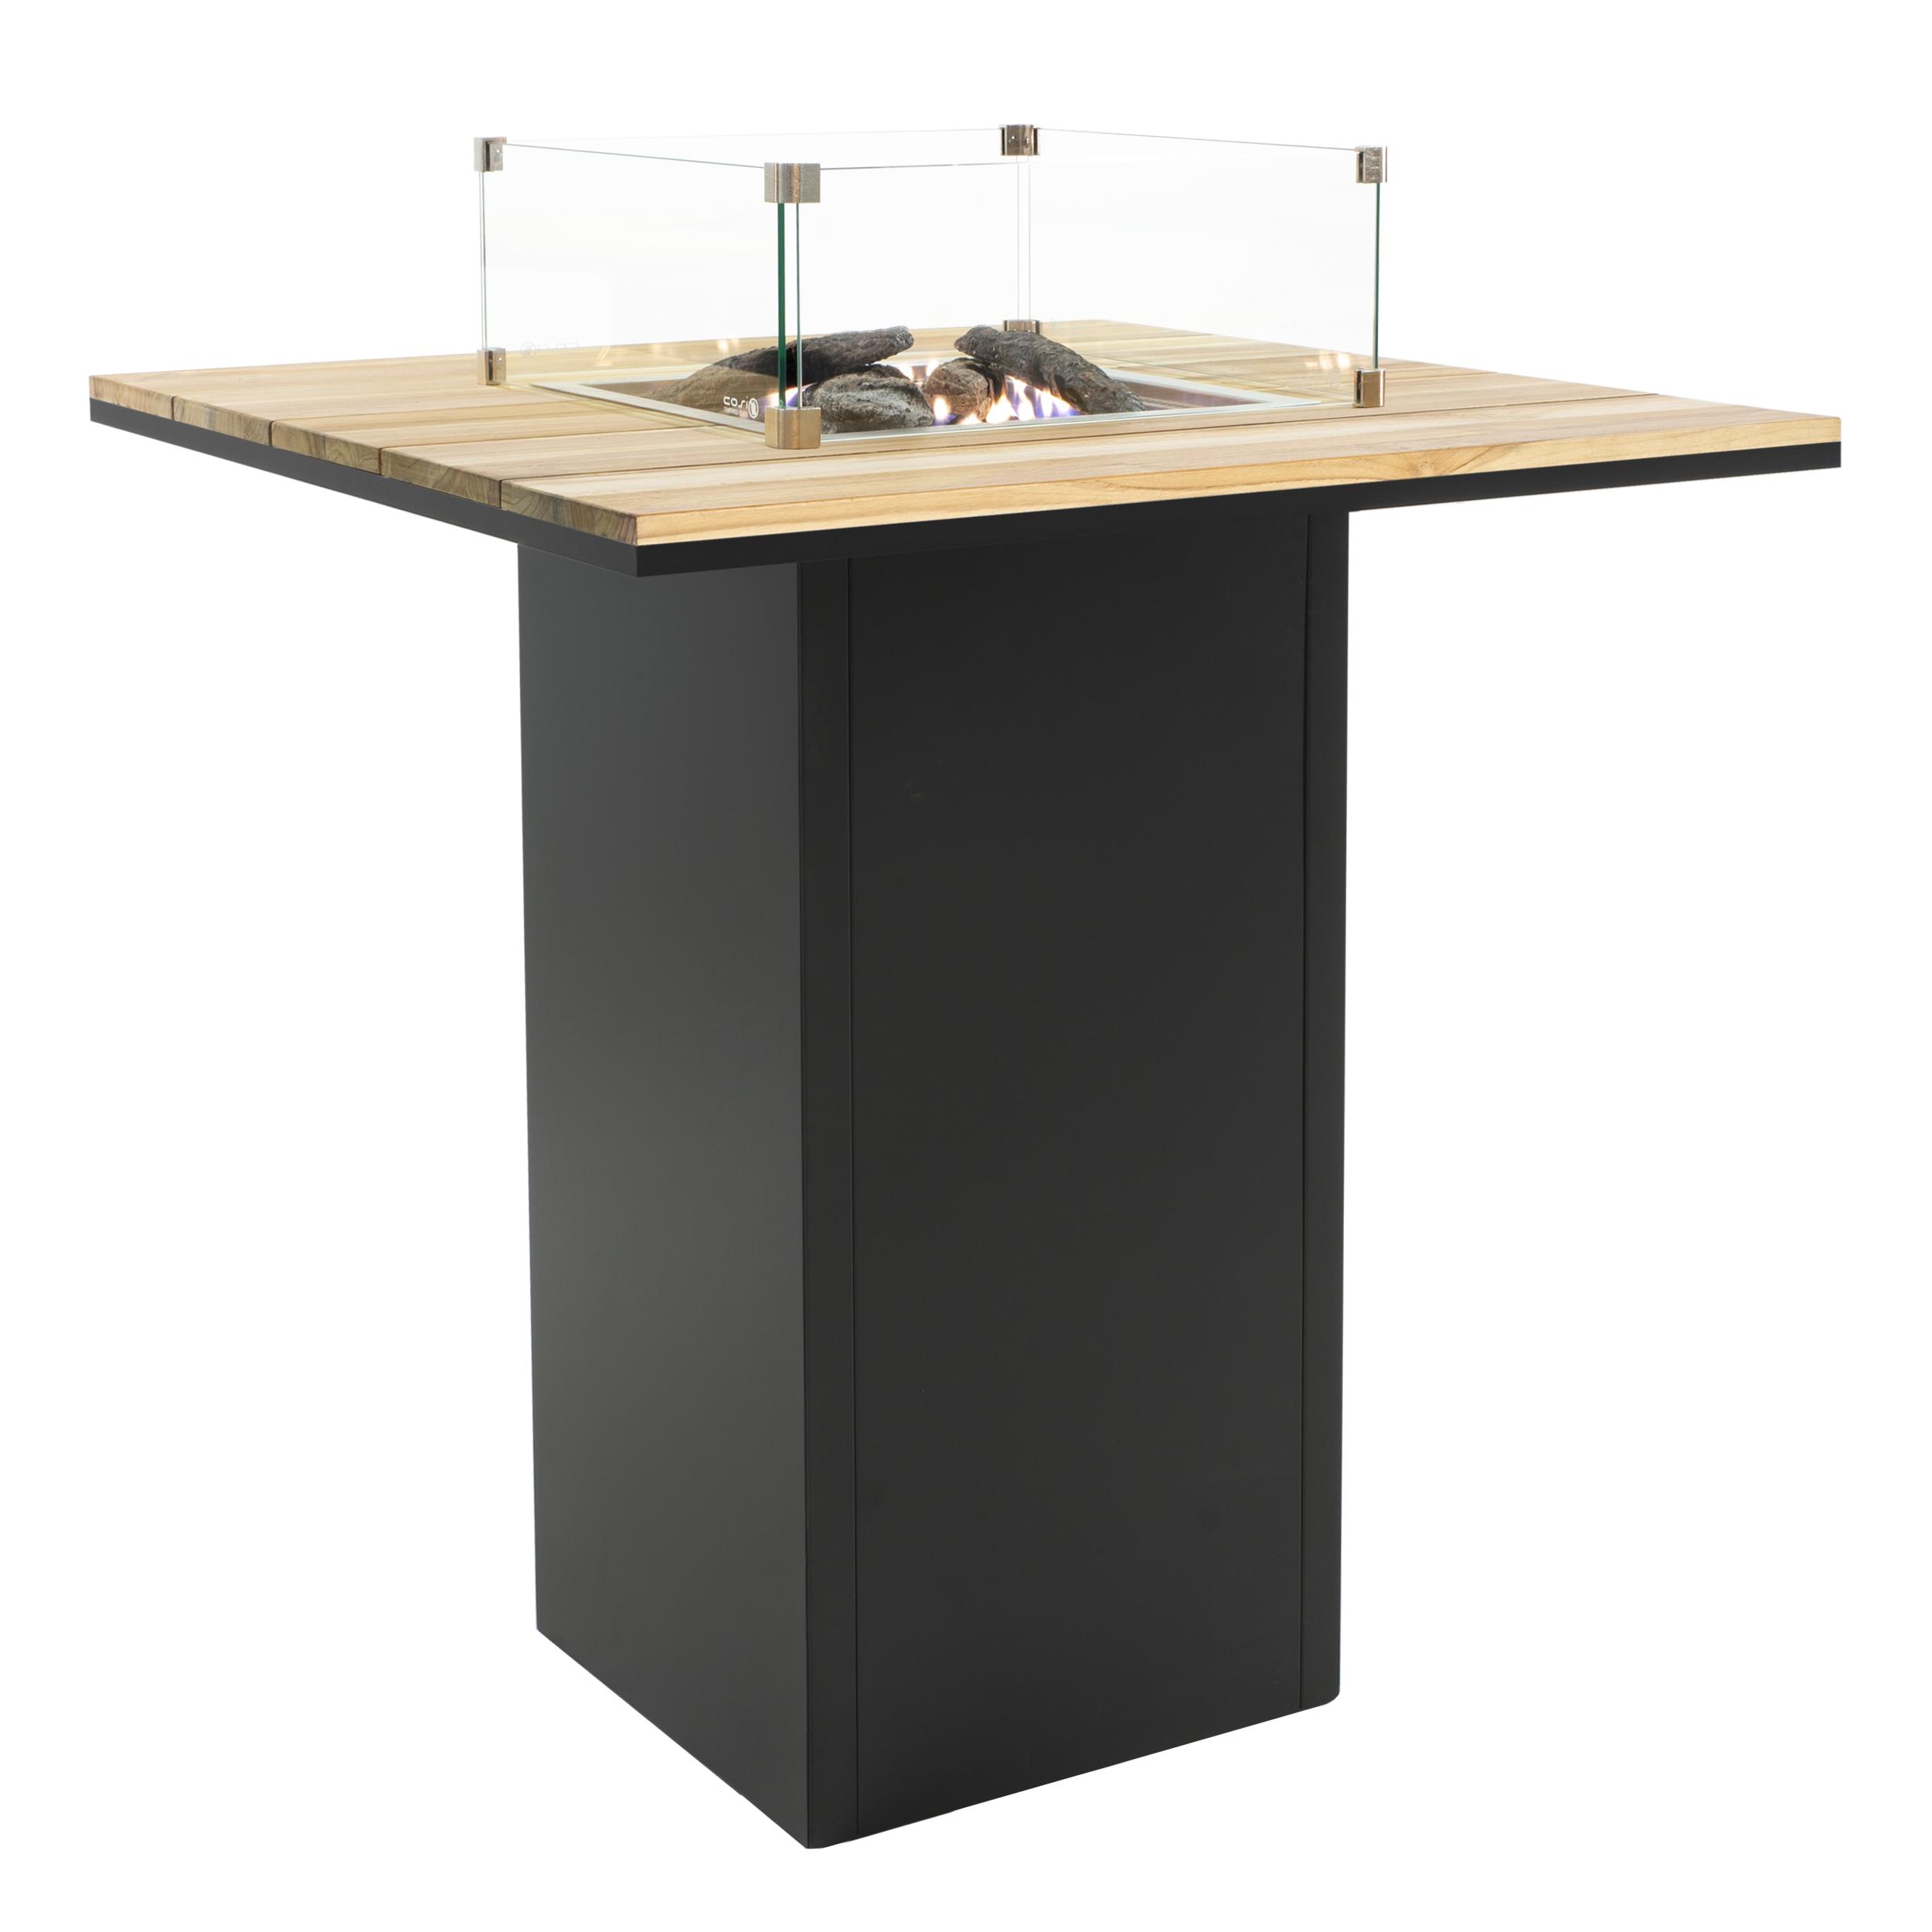 Cosi Fires vuurtafels en gaslantaarns Cosi Fires bartafel/vuurtafel Cosiloft Simple black frame, teak top, afm. 100 x 100 x 105